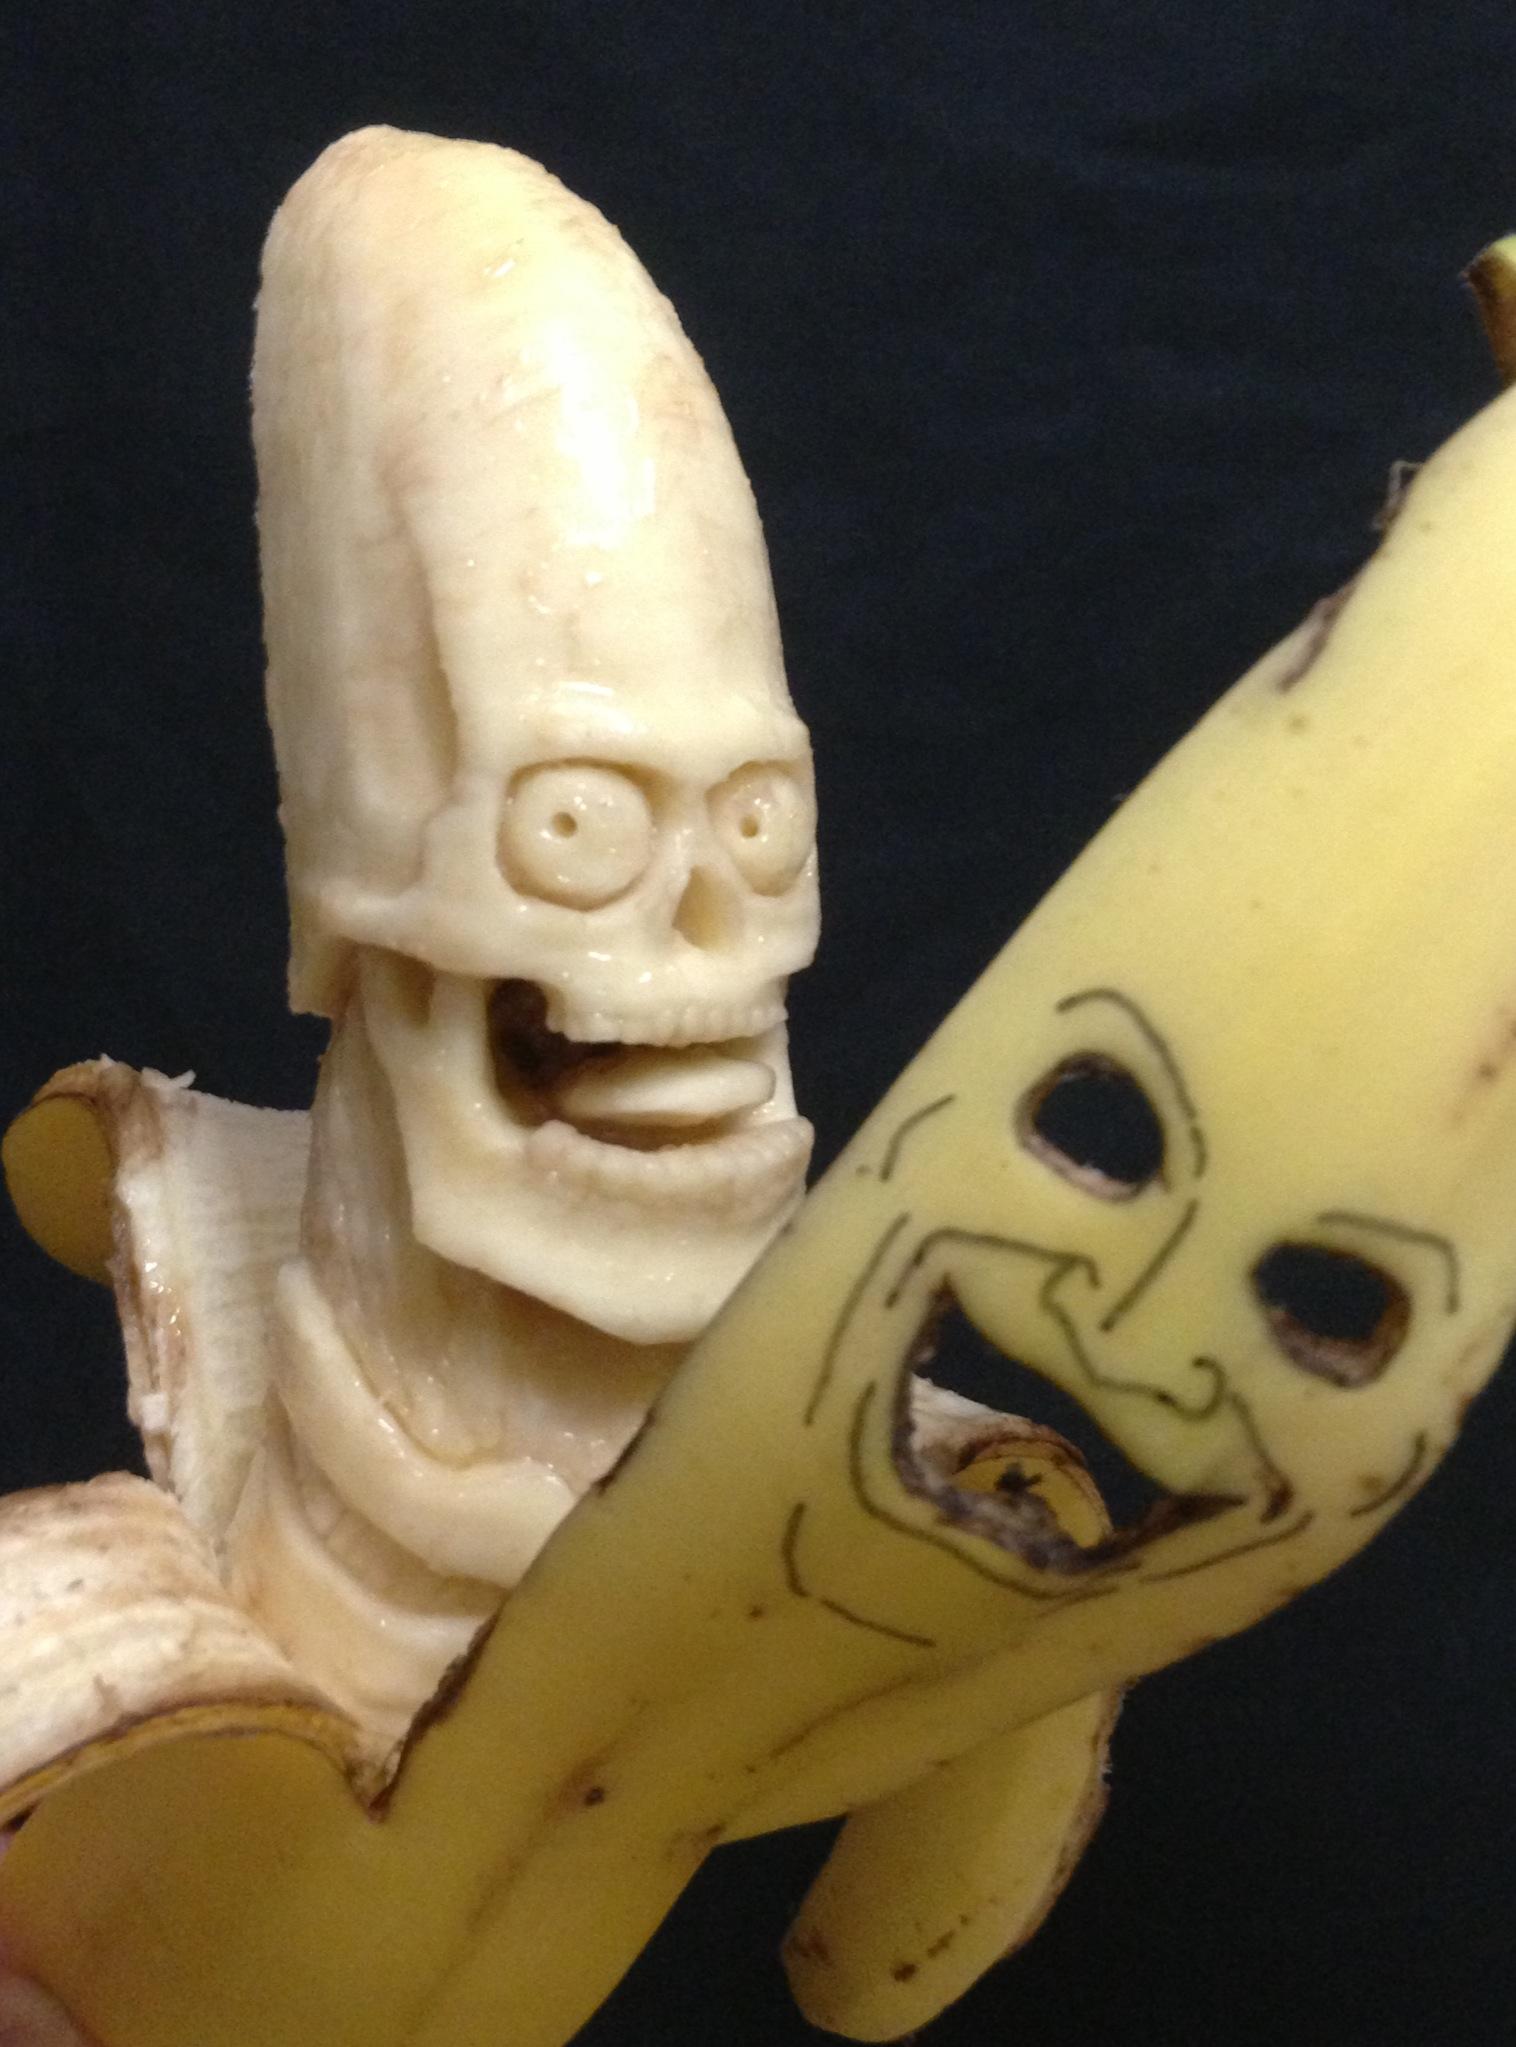 Член виде банана фото 1 фотография